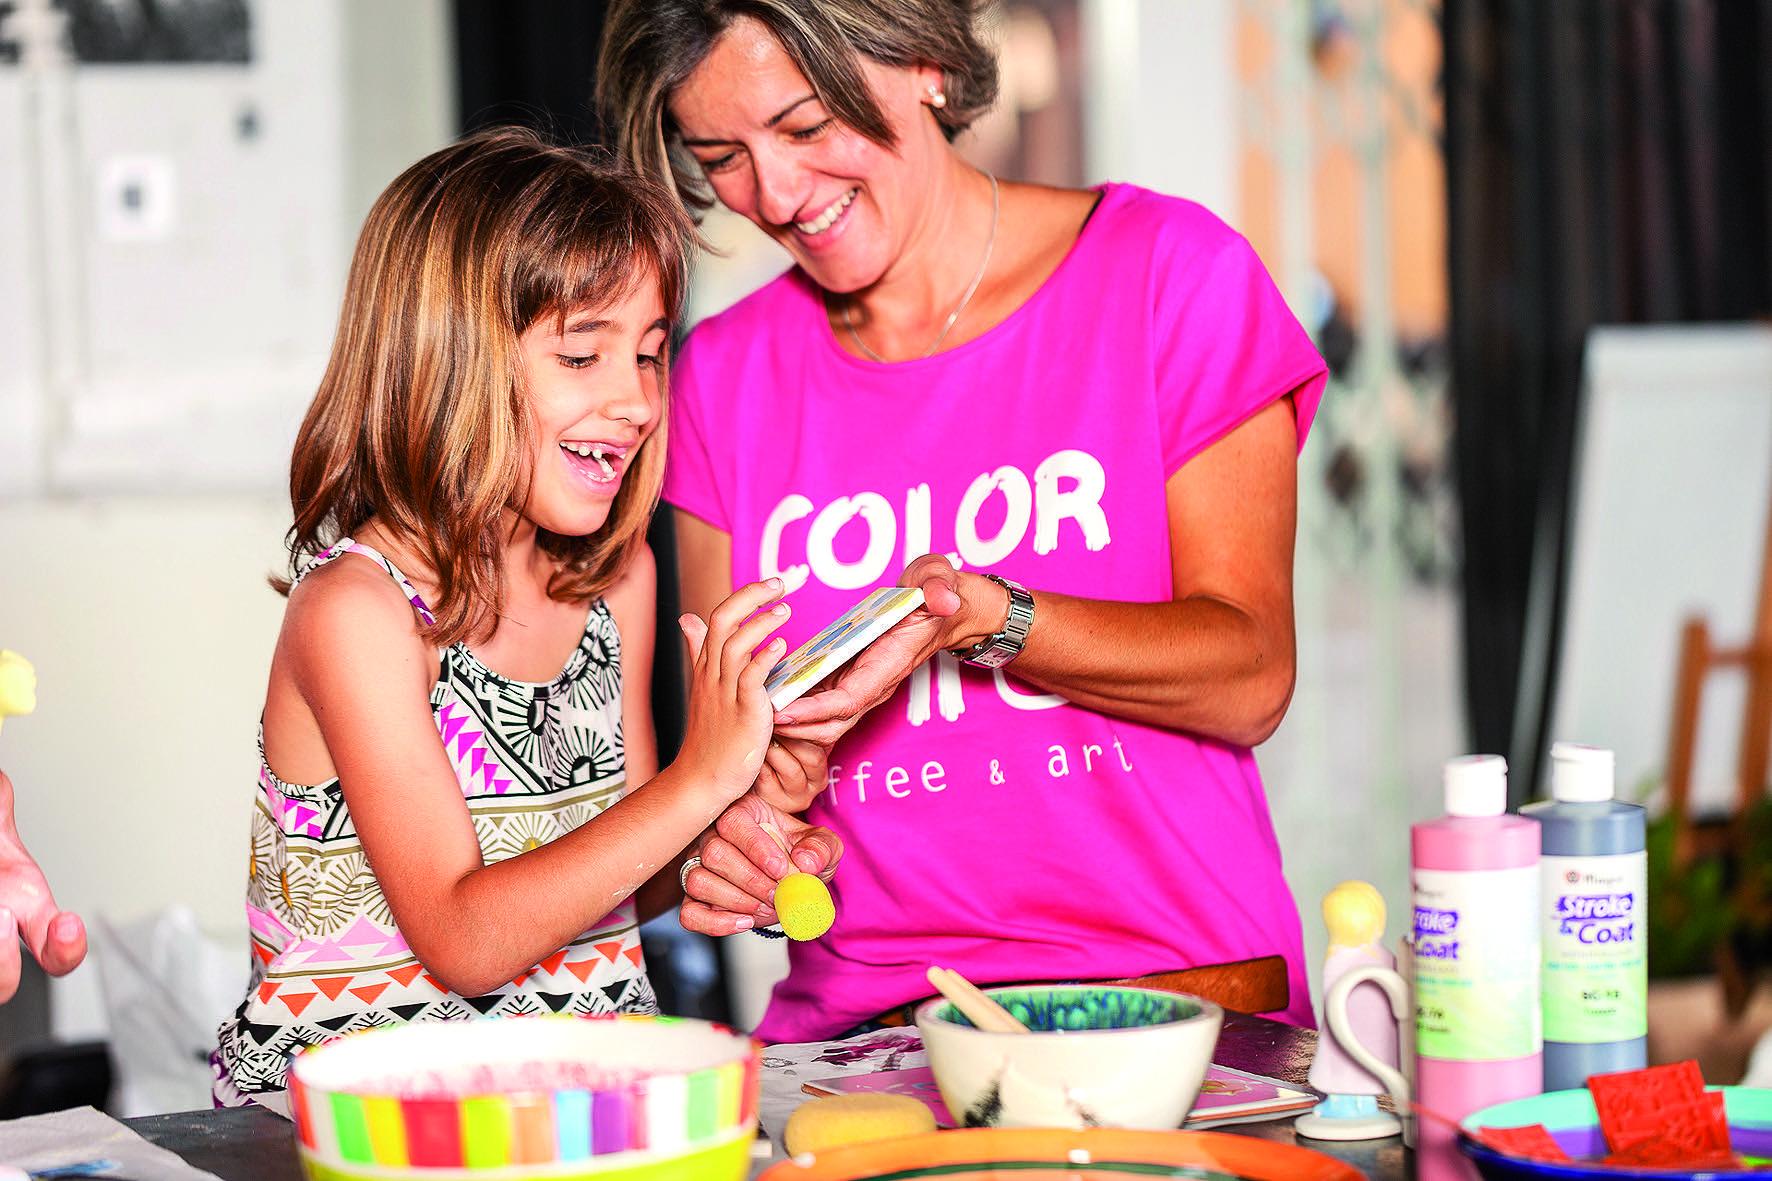 La pintura per als més petits i joves de la casa. FOTO: Cedida